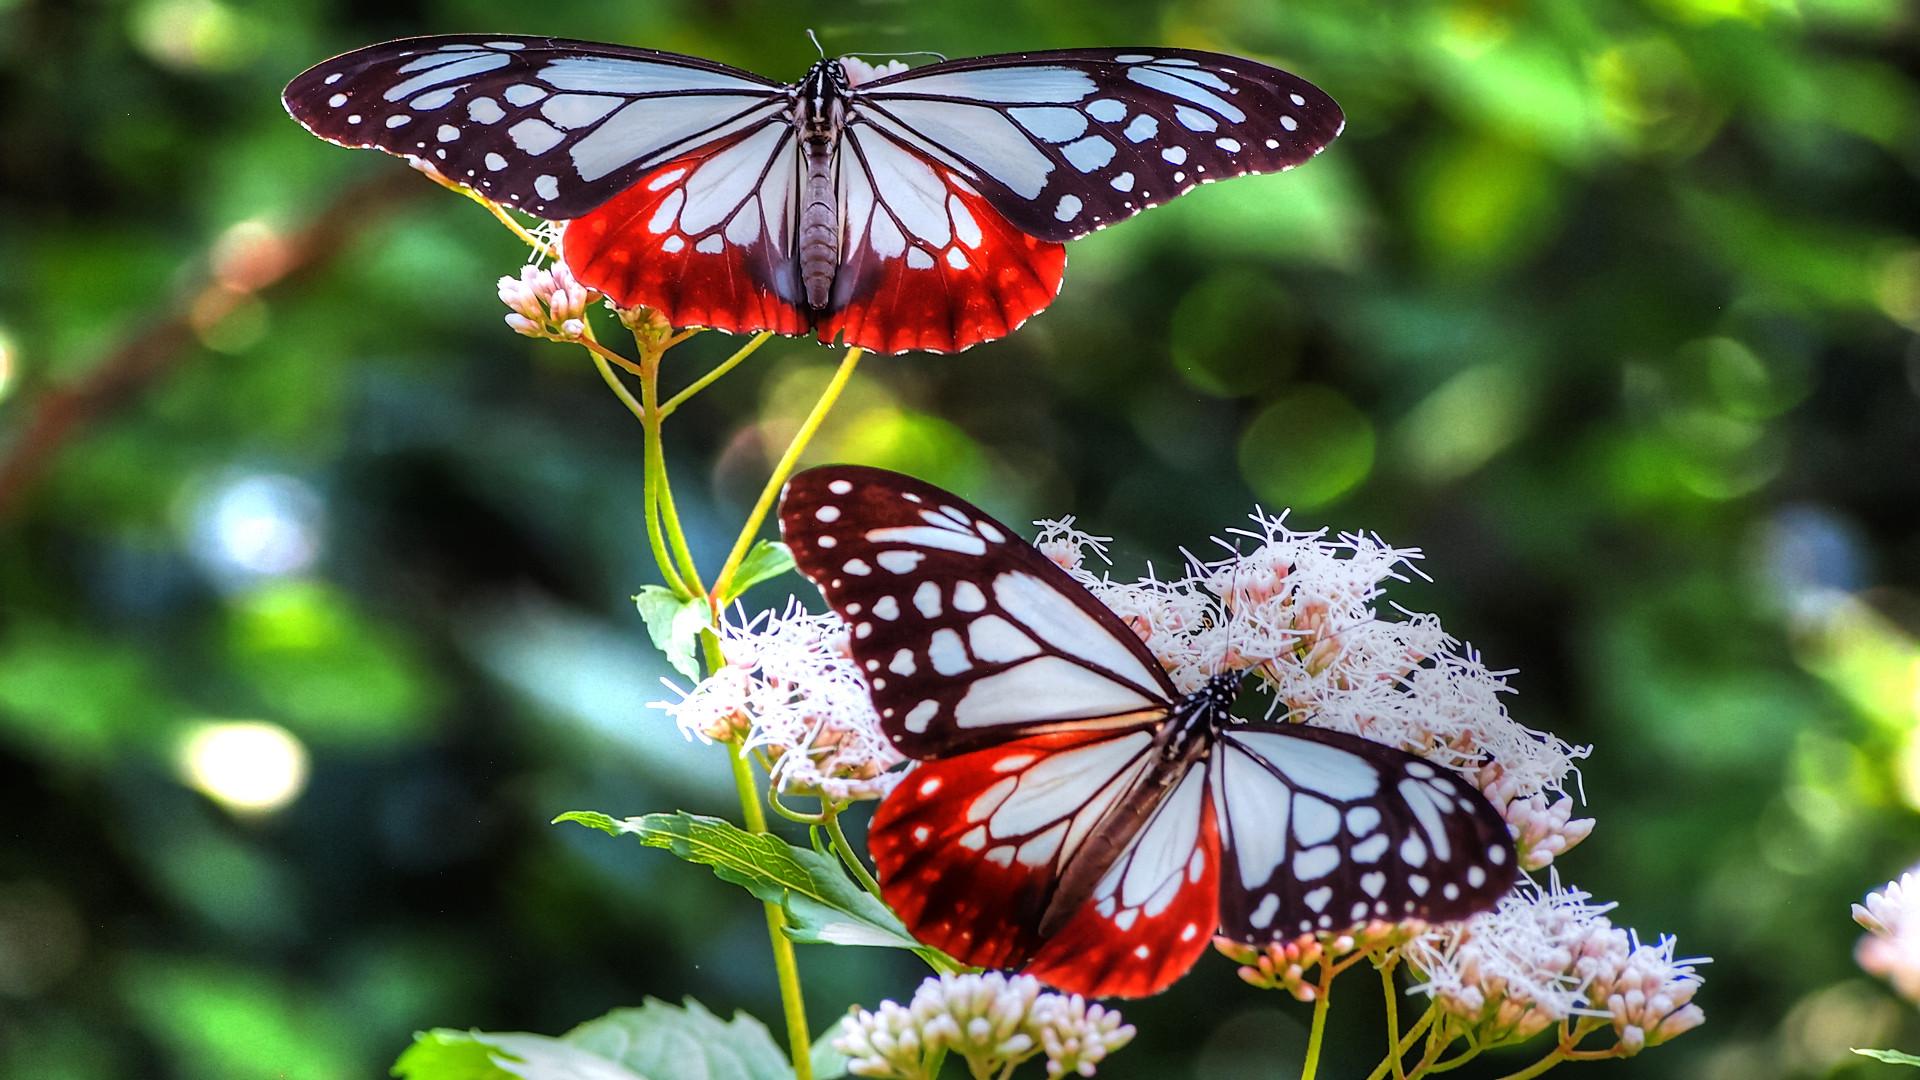 природа бабочка цветы животные насекомые роса в хорошем качестве